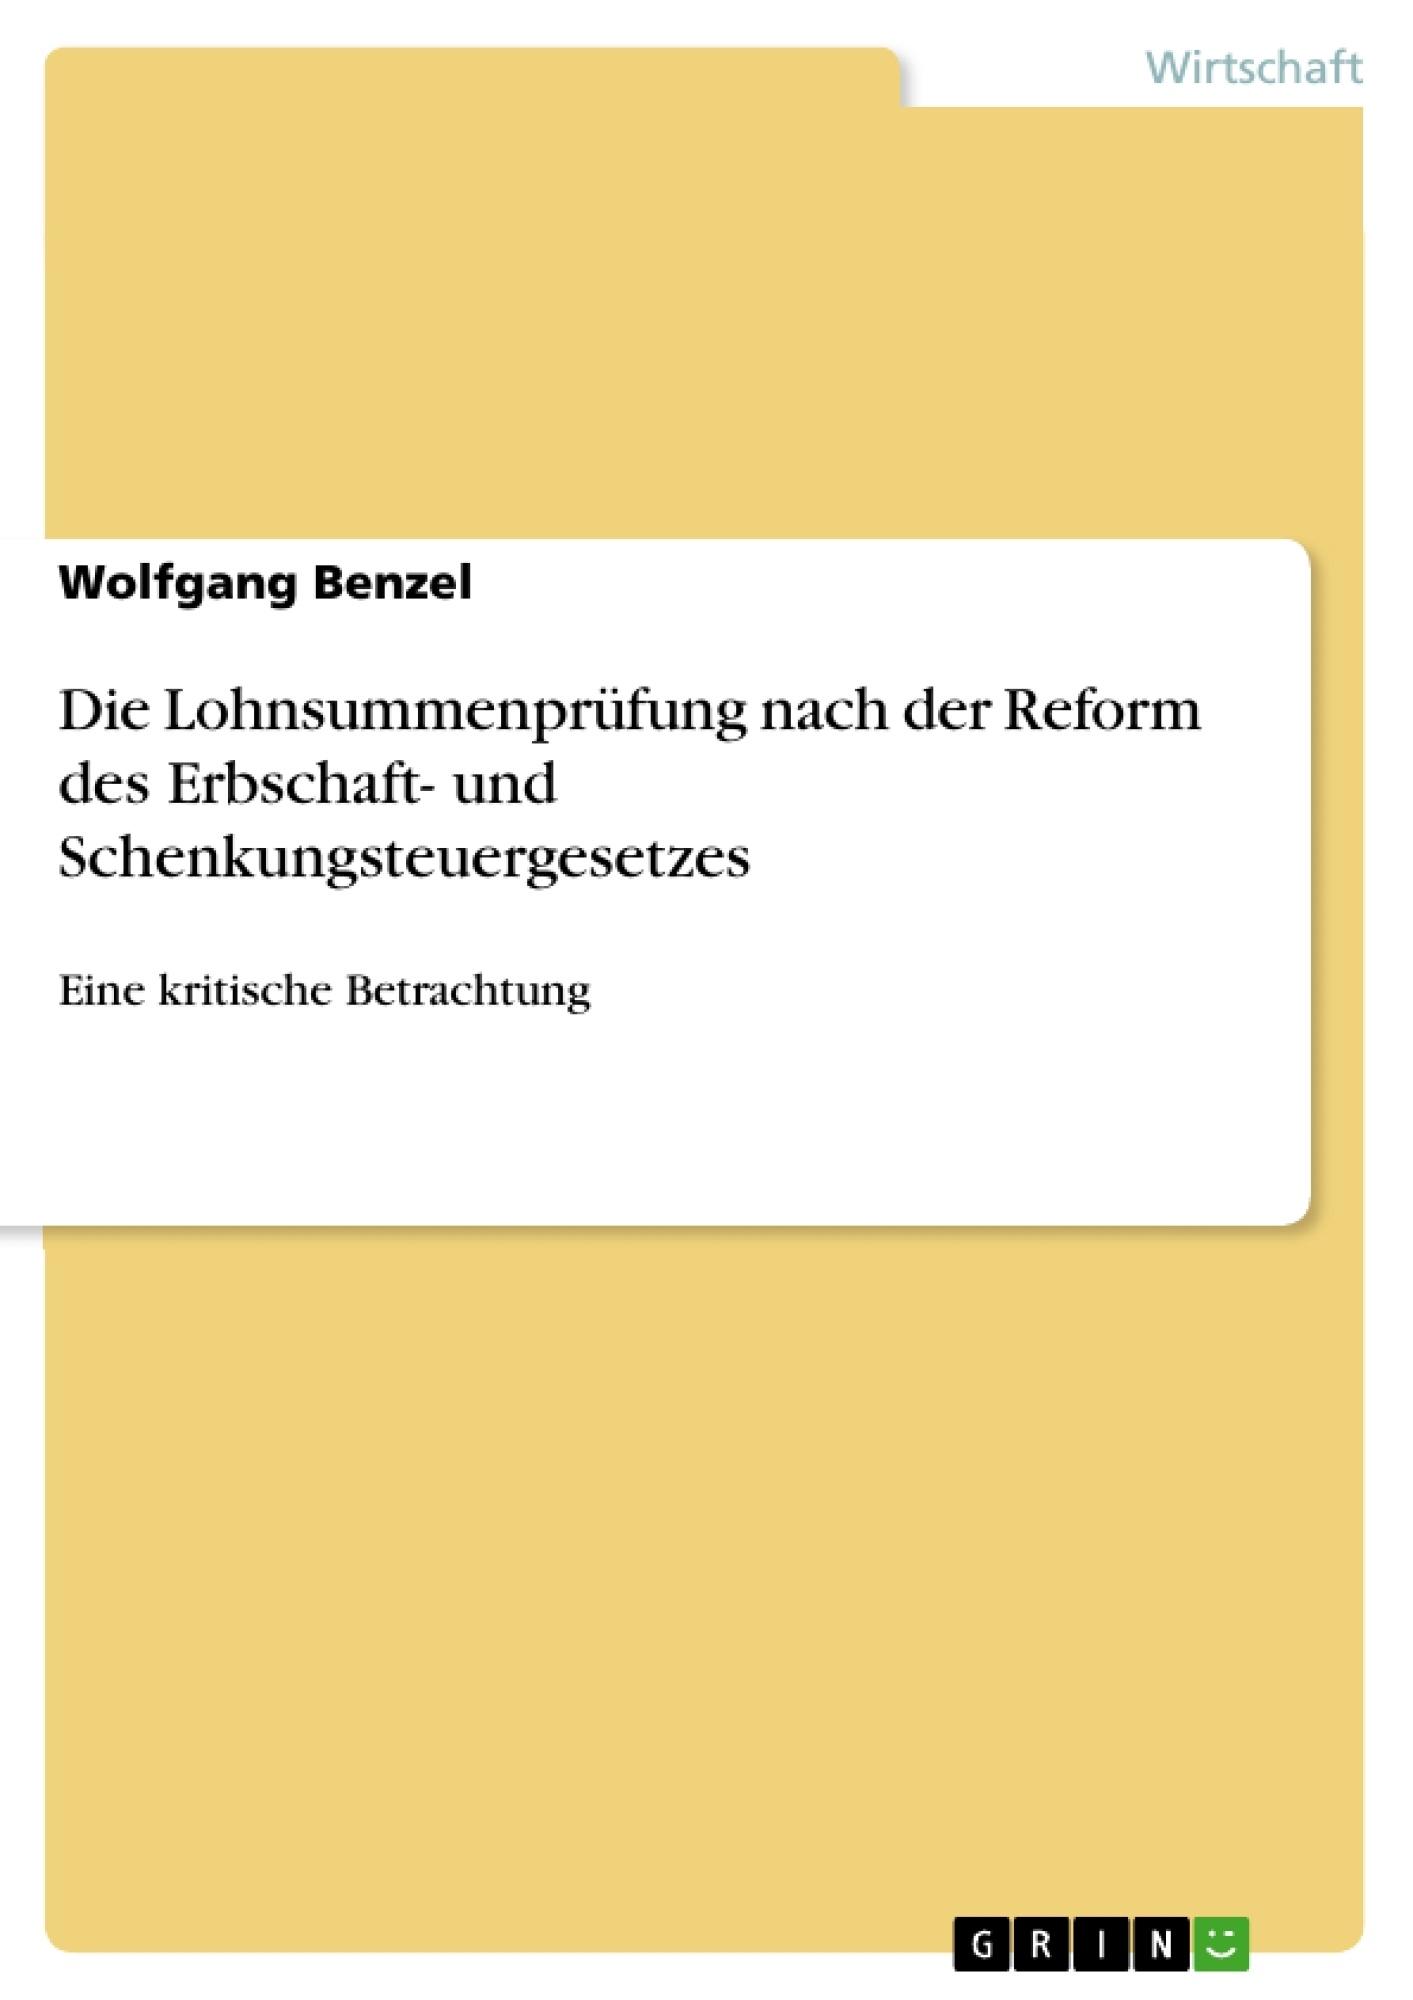 Titel: Die Lohnsummenprüfung nach der Reform des Erbschaft- und Schenkungsteuergesetzes